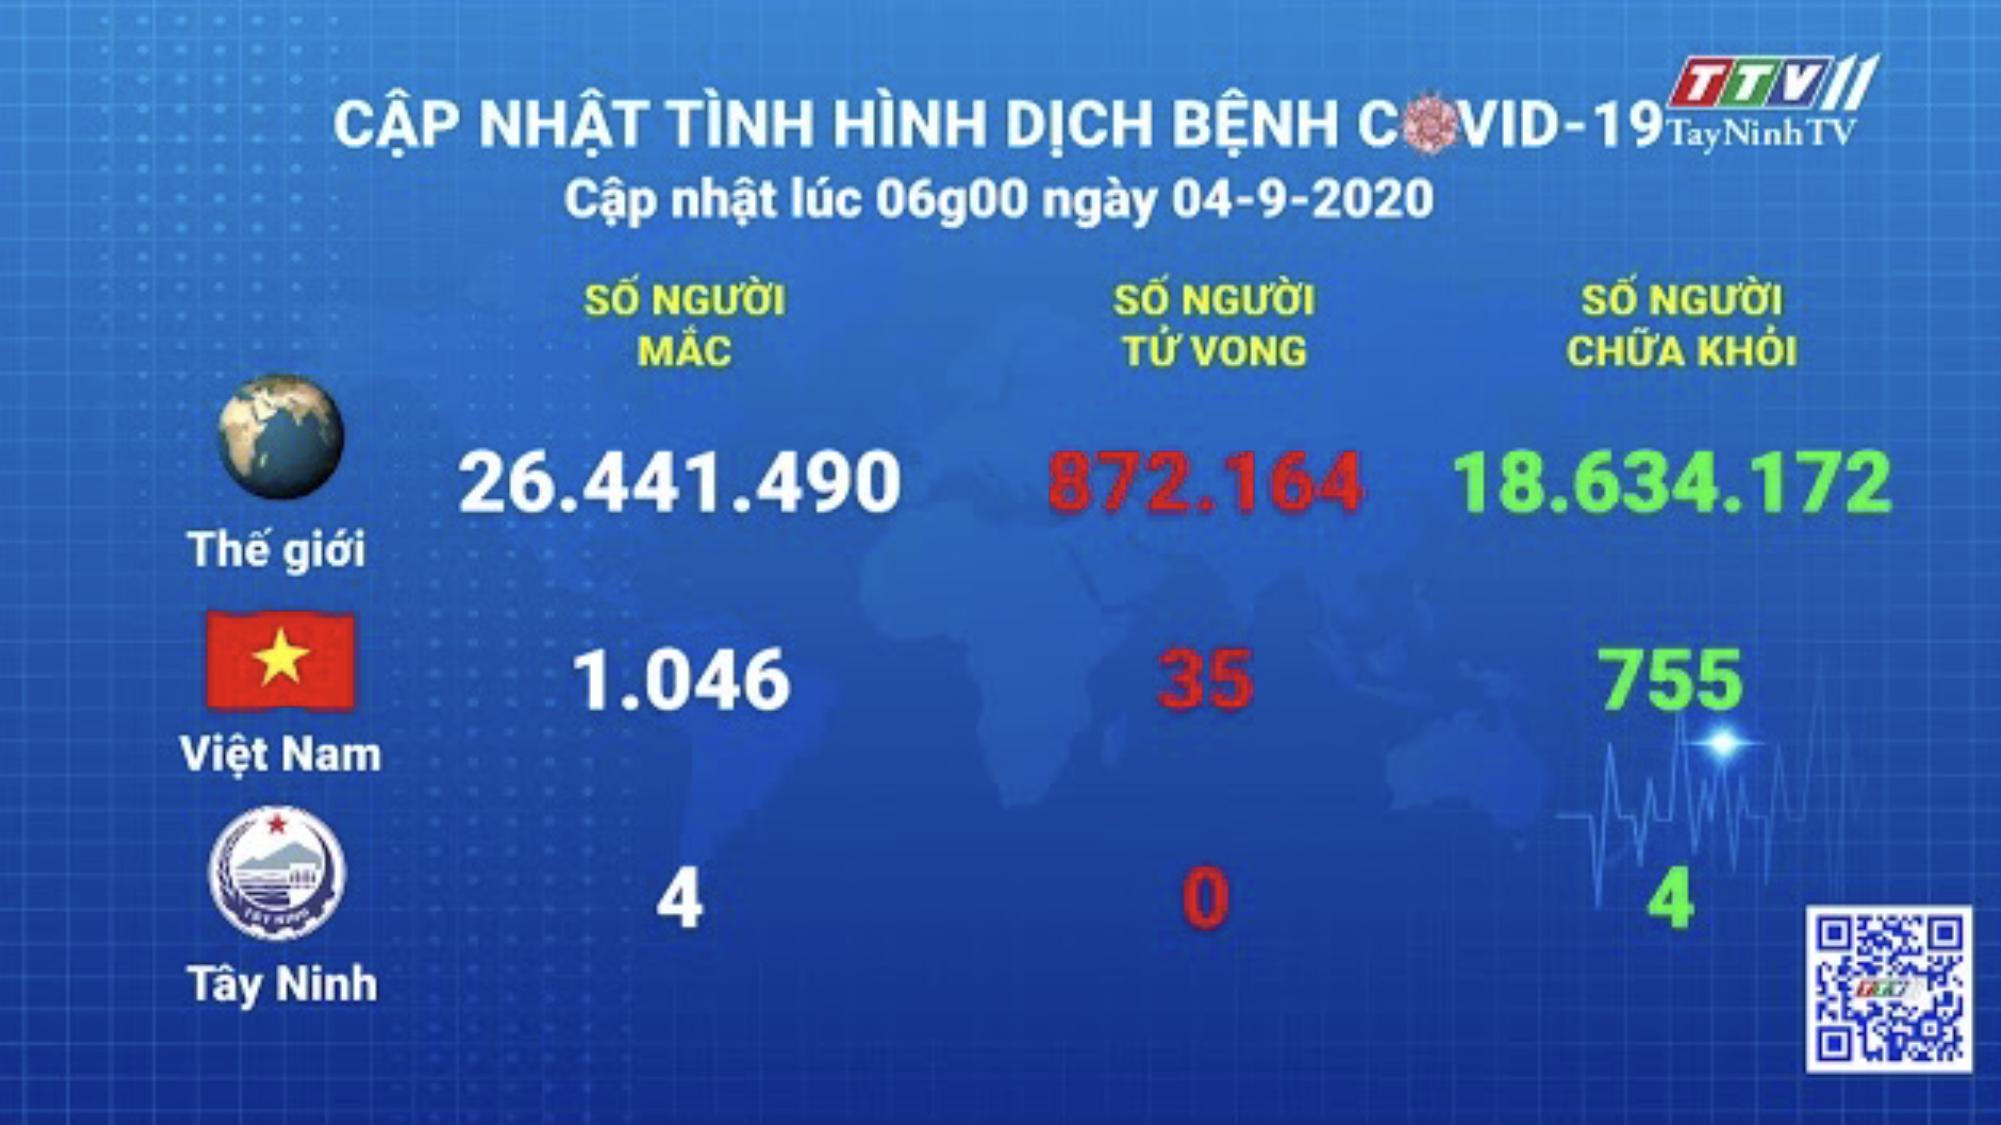 Cập nhật tình hình Covid-19 vào lúc 06 giờ 04-9-2020 | Thông tin dịch Covid-19 | TayNinhTV